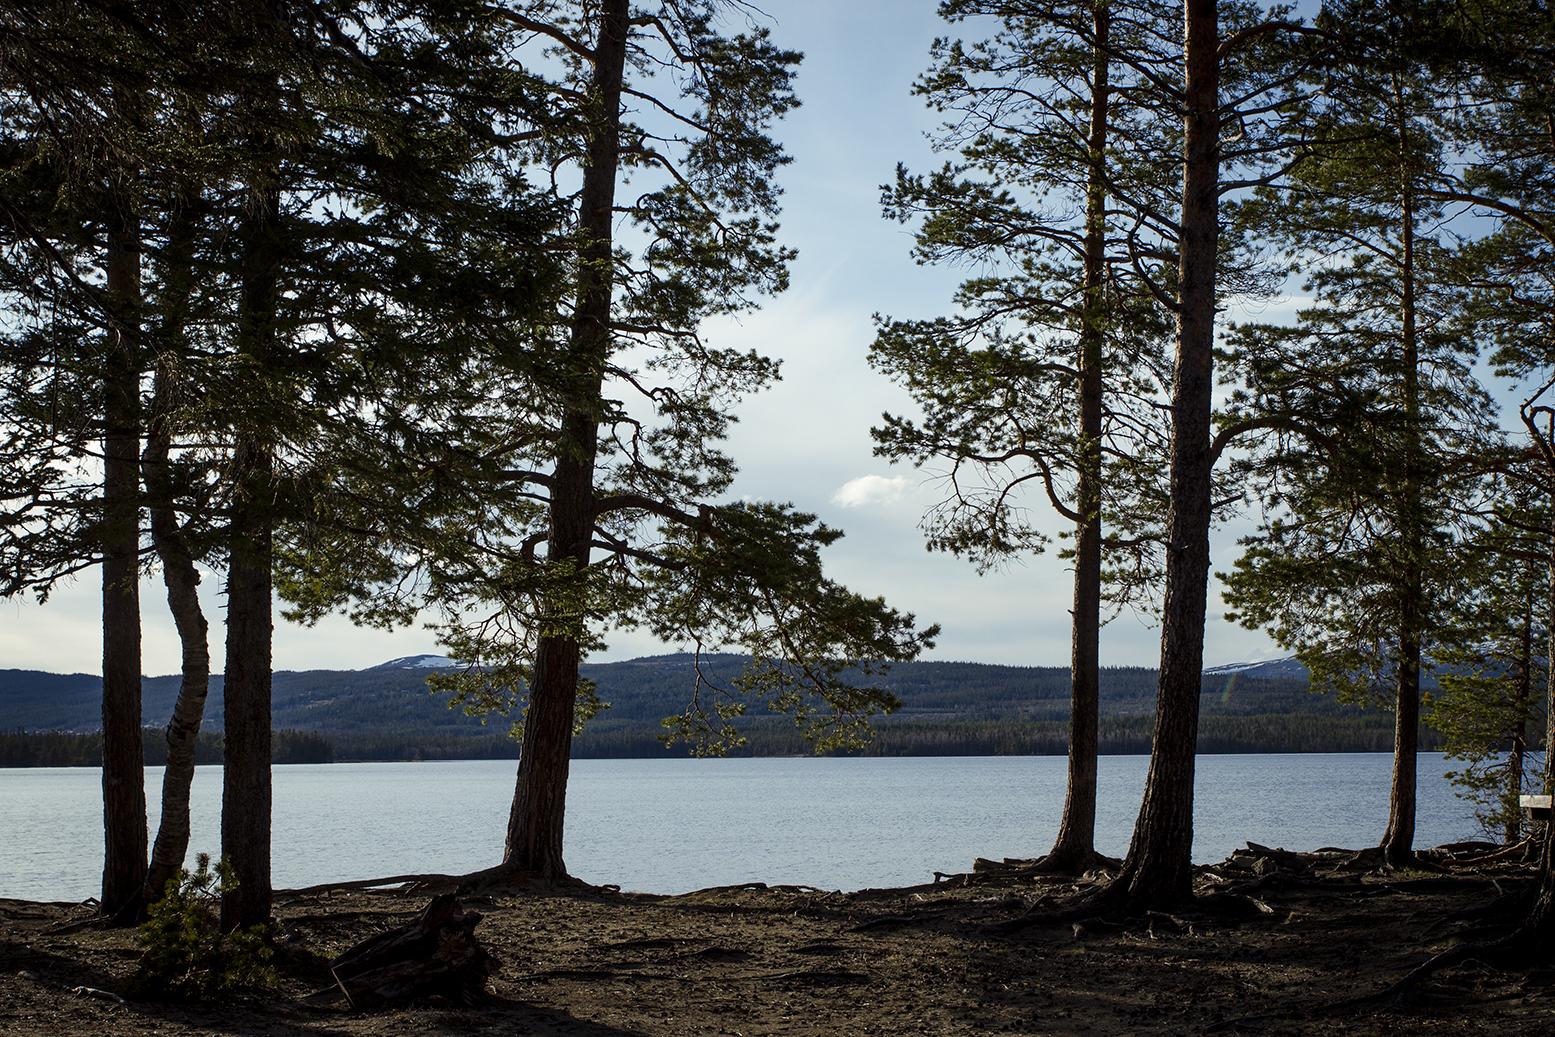 Ottsjö sandstrand ridvad www.traningsgladje.se